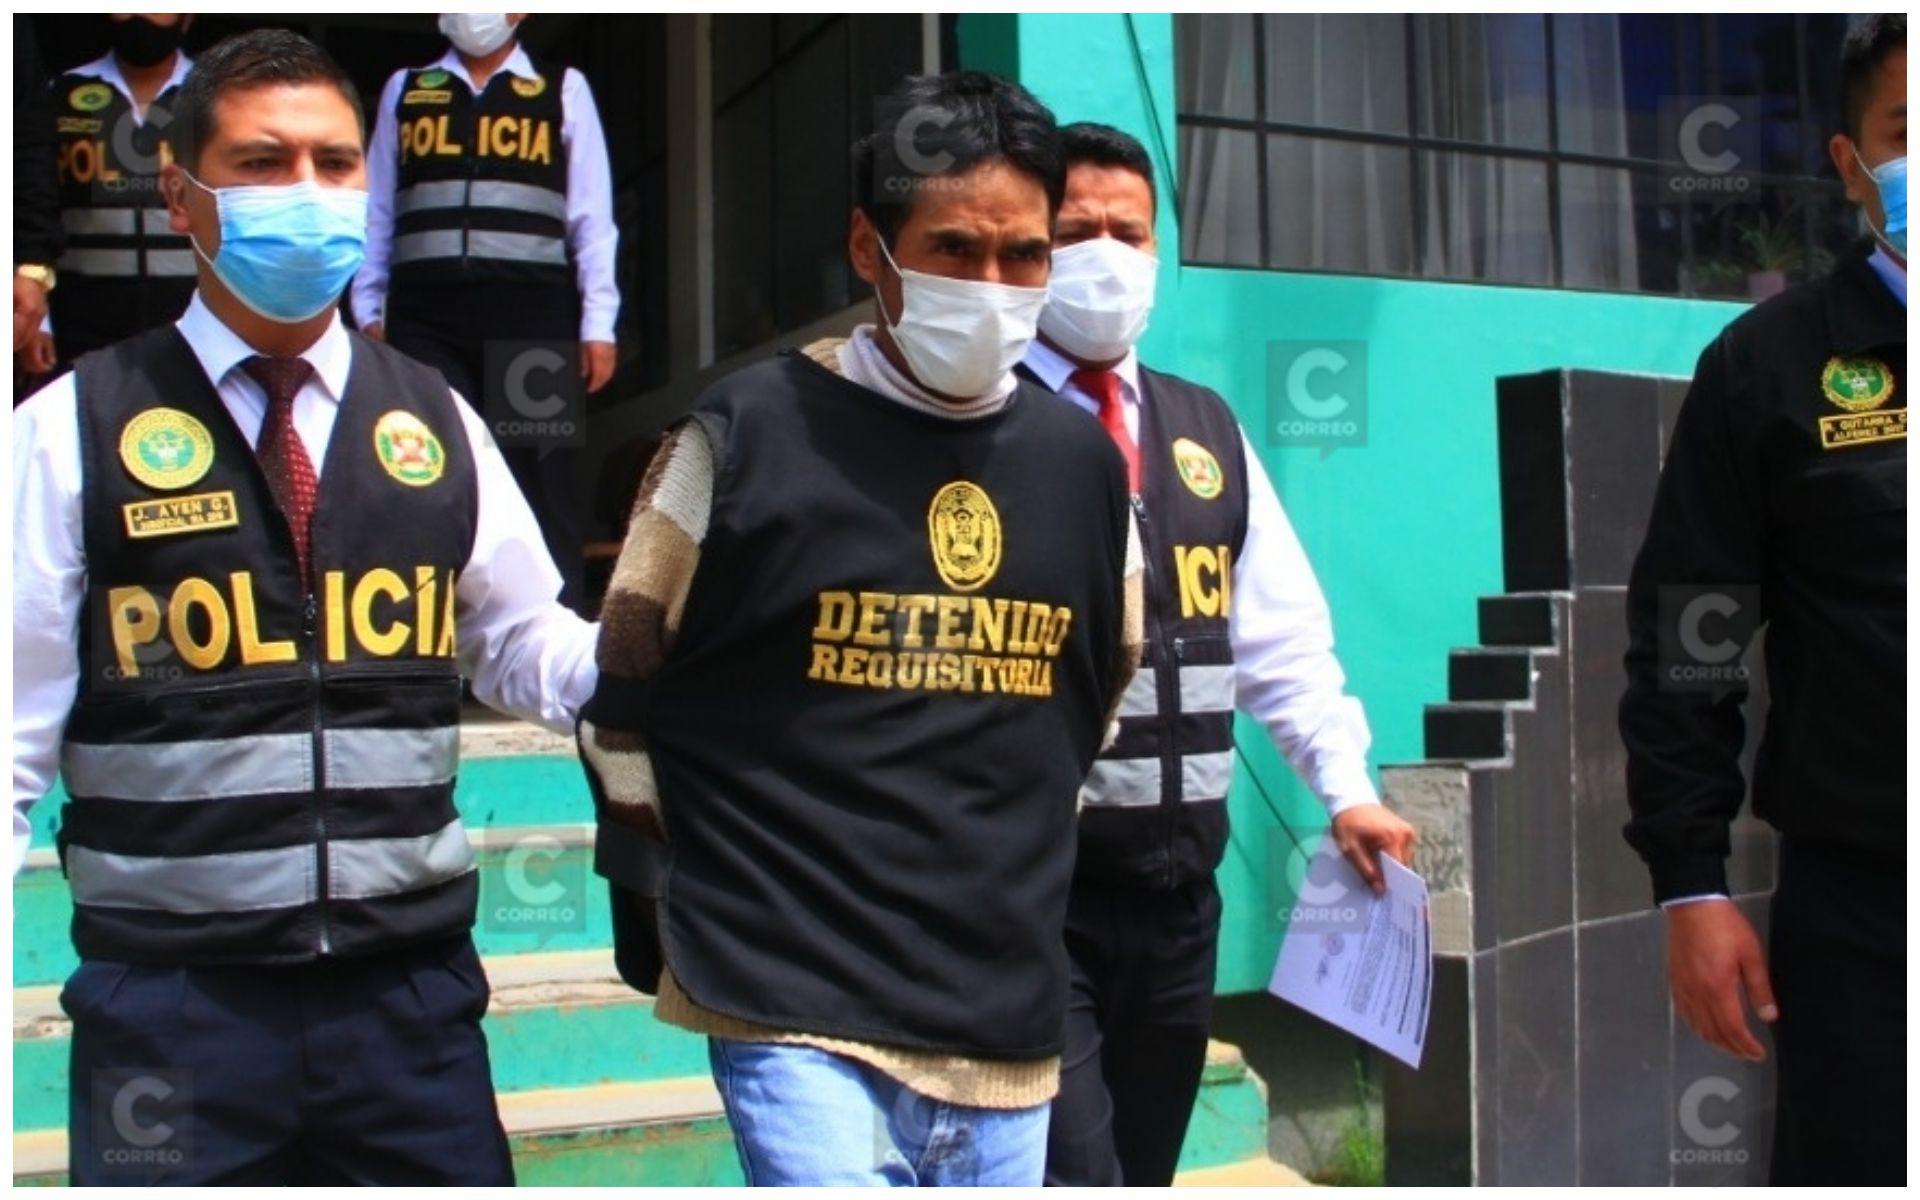 capturan-en-huancayo-a-sujeto-que-asesino-a-esposa-e-hijas-en-2011-en-chosica-video